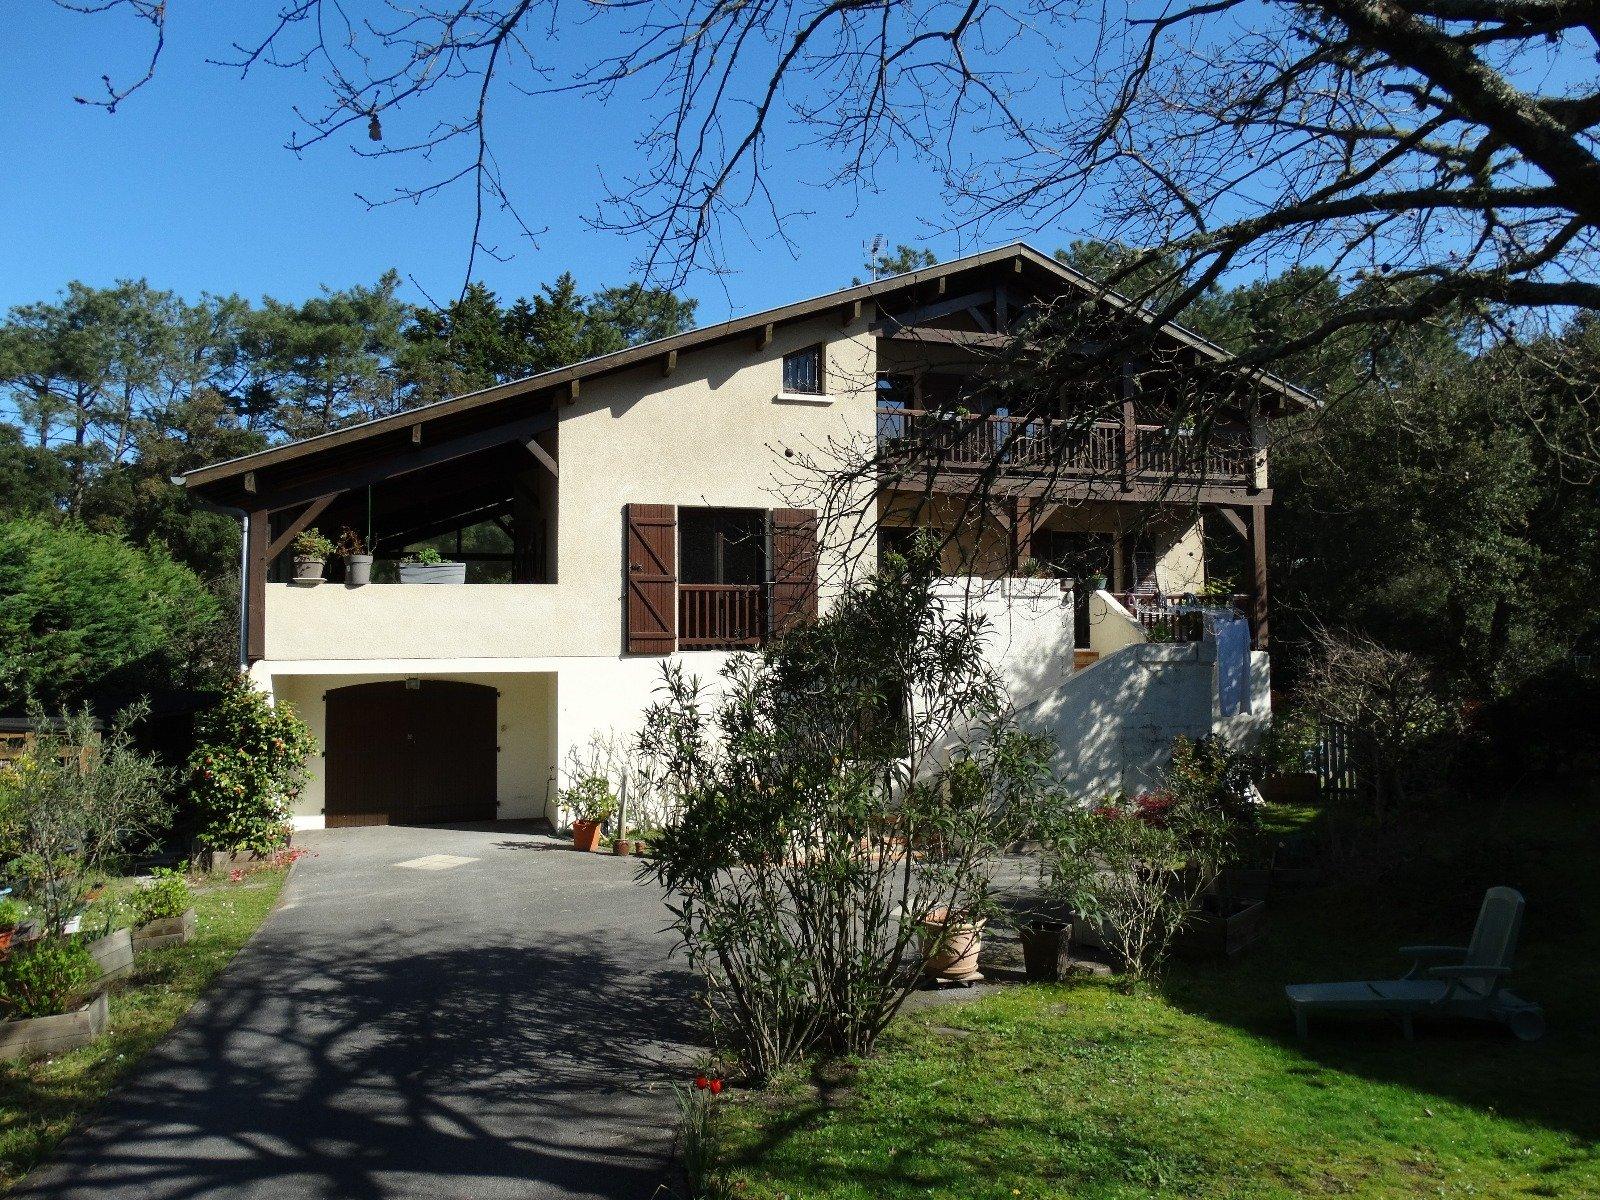 Hossegor maison de 160m entre lac et mer terres oc an for Acheter maison hossegor